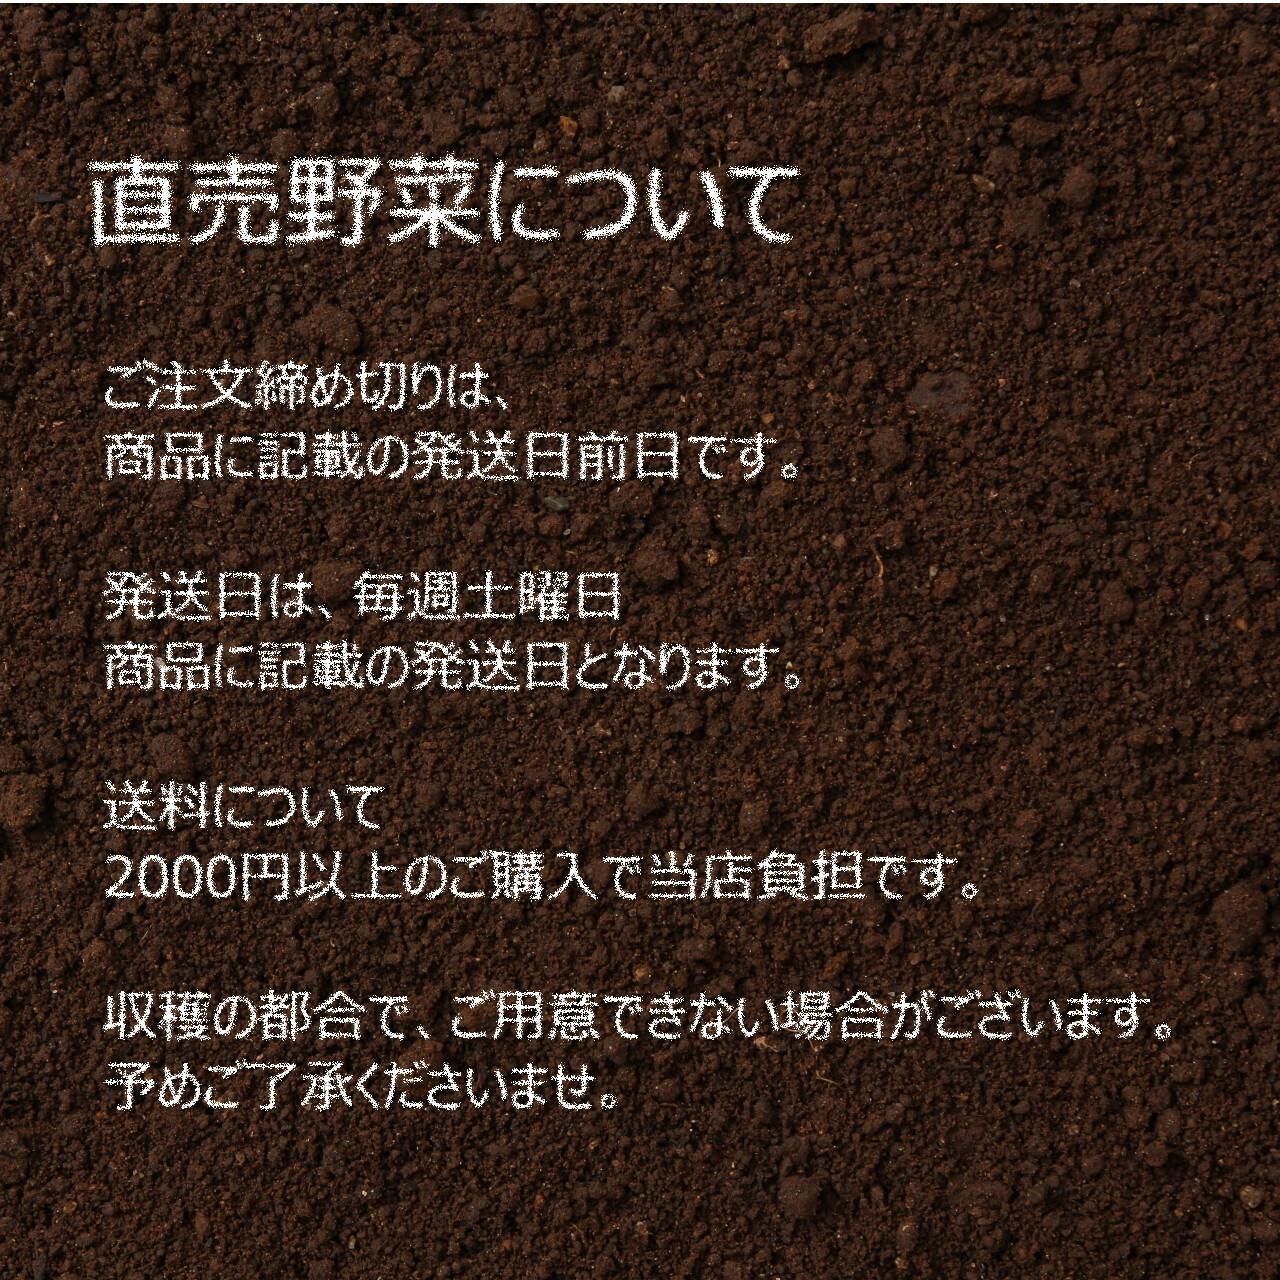 8月の朝採り直売野菜 : インゲン 約150g  新鮮な夏野菜 8月8日発送予定